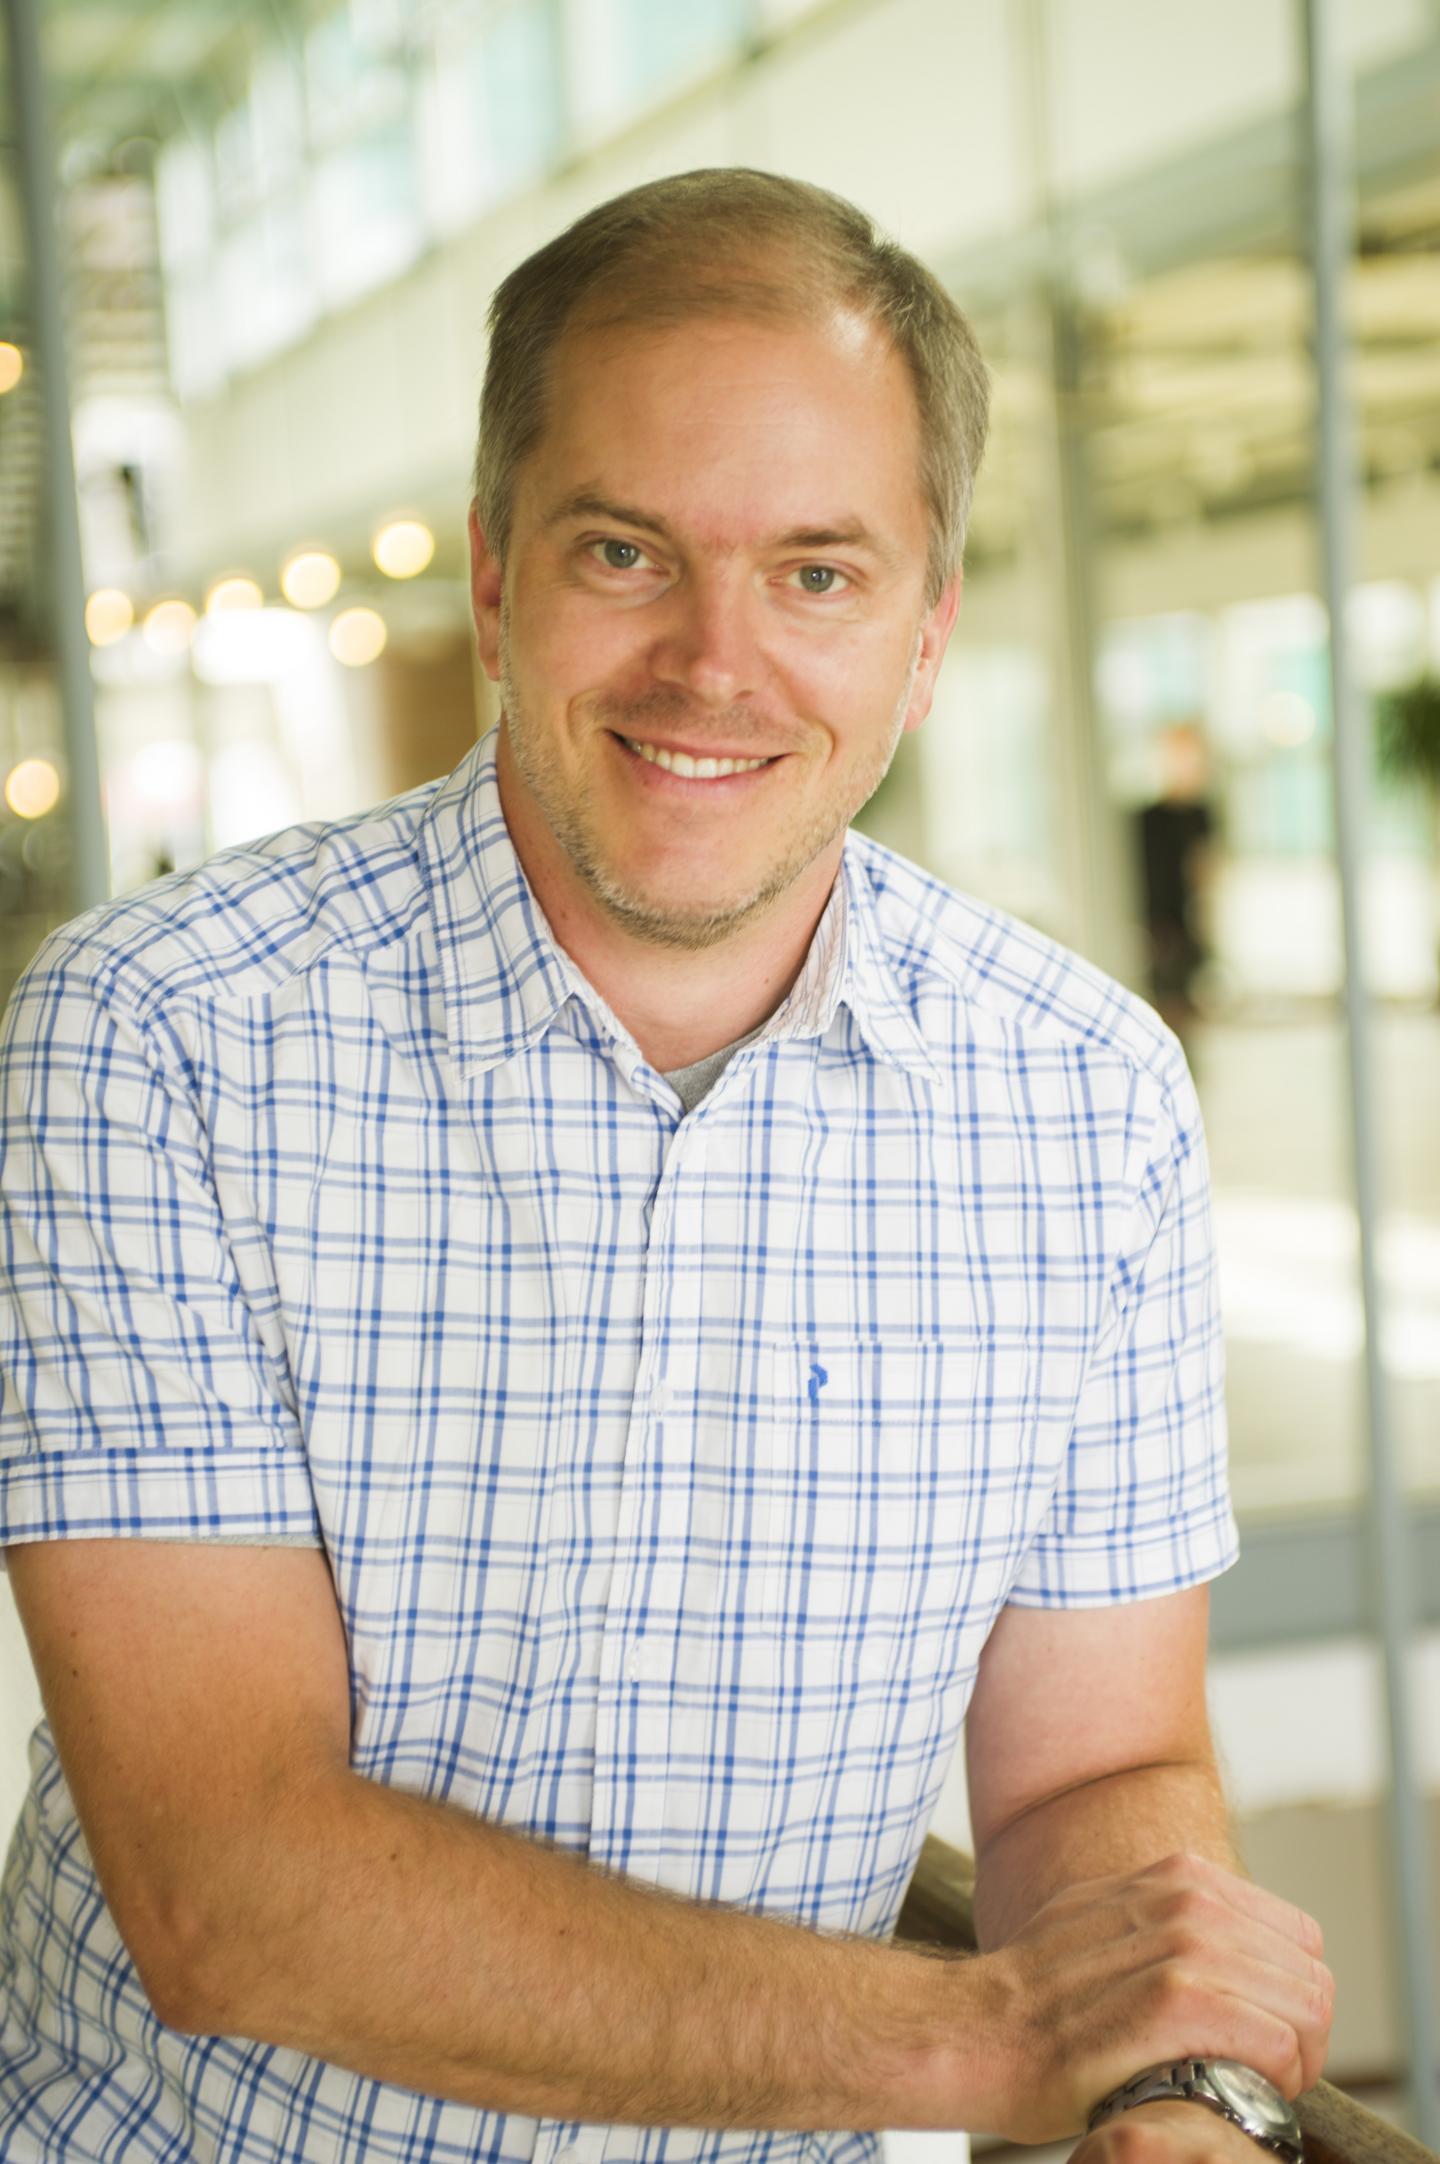 Johan Sandberg, Karolinska Institutet